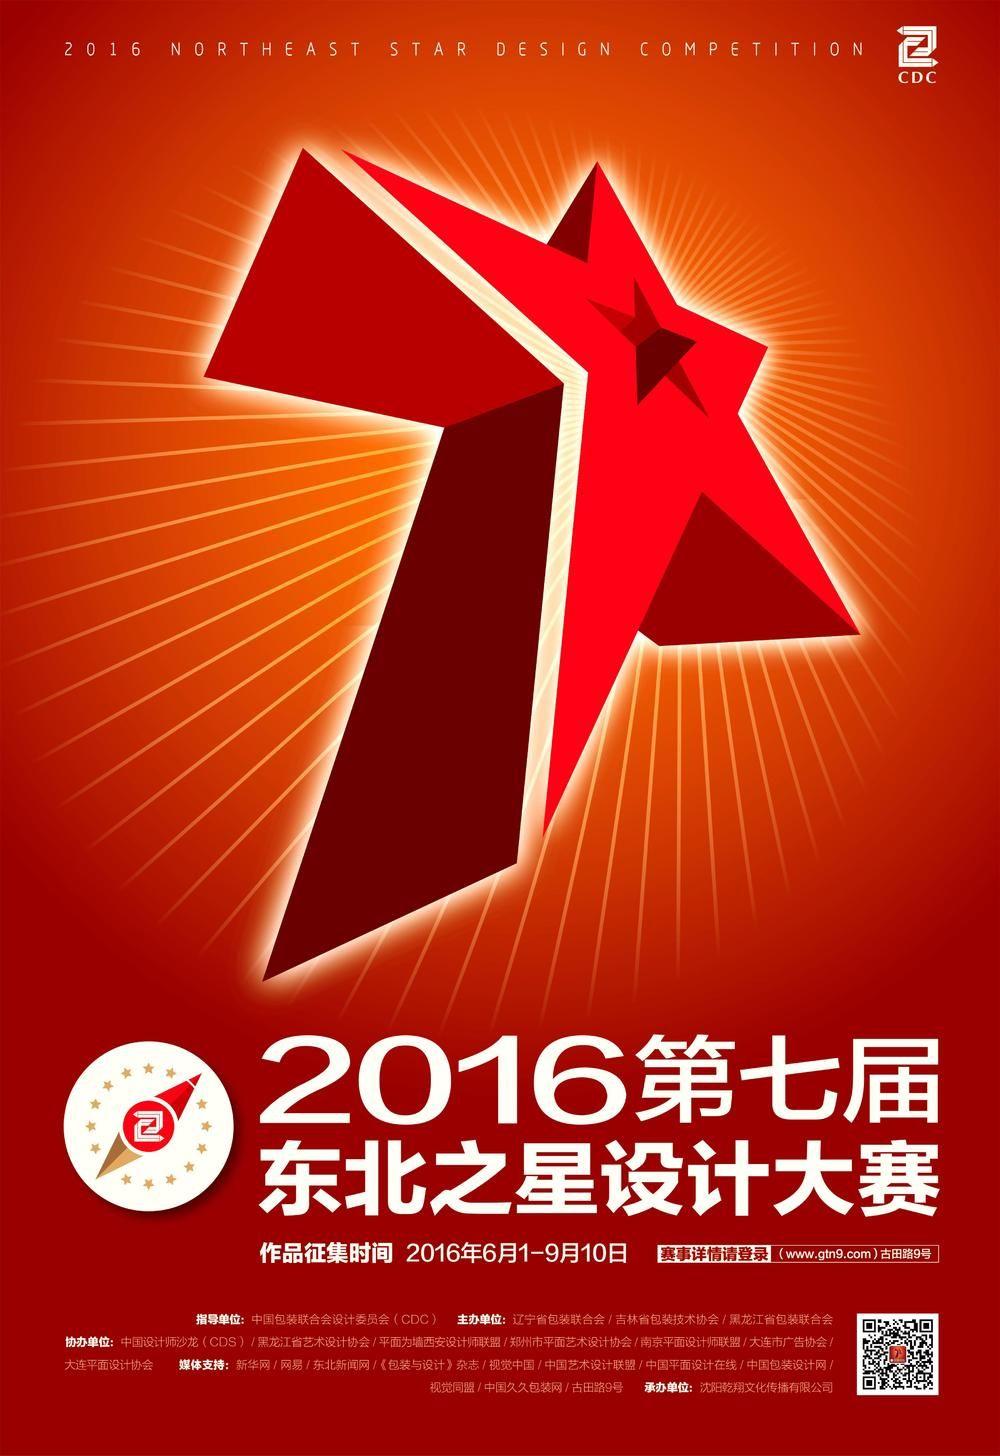 东北之星设计大赛海报1.JPG